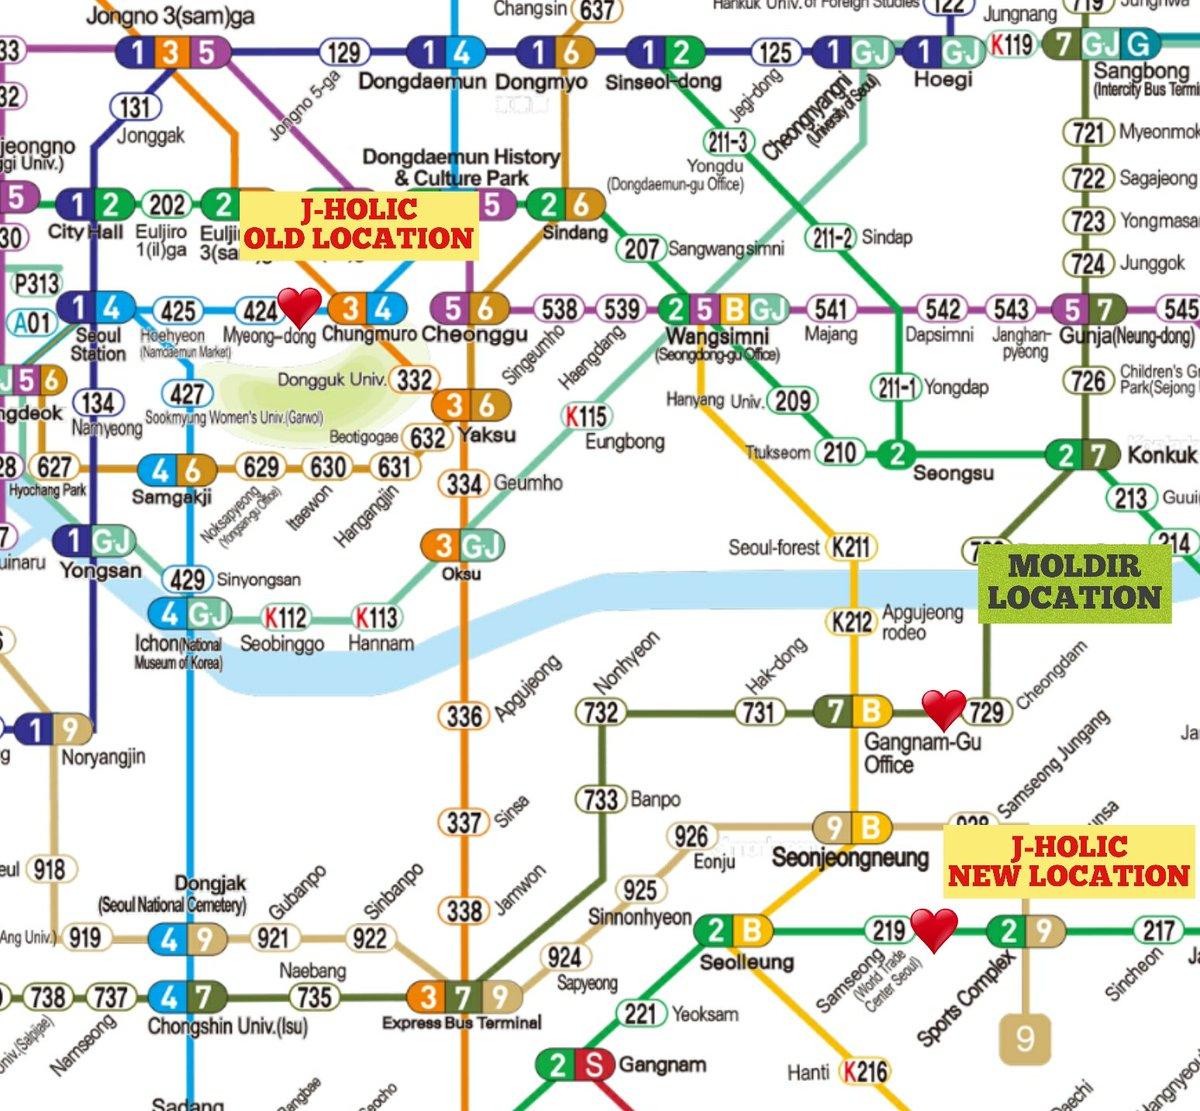 Seoul Station Subway Map.Kimjaejoong Indo בטוויטר Seoul Subway Map J Holic Myeongdong Old